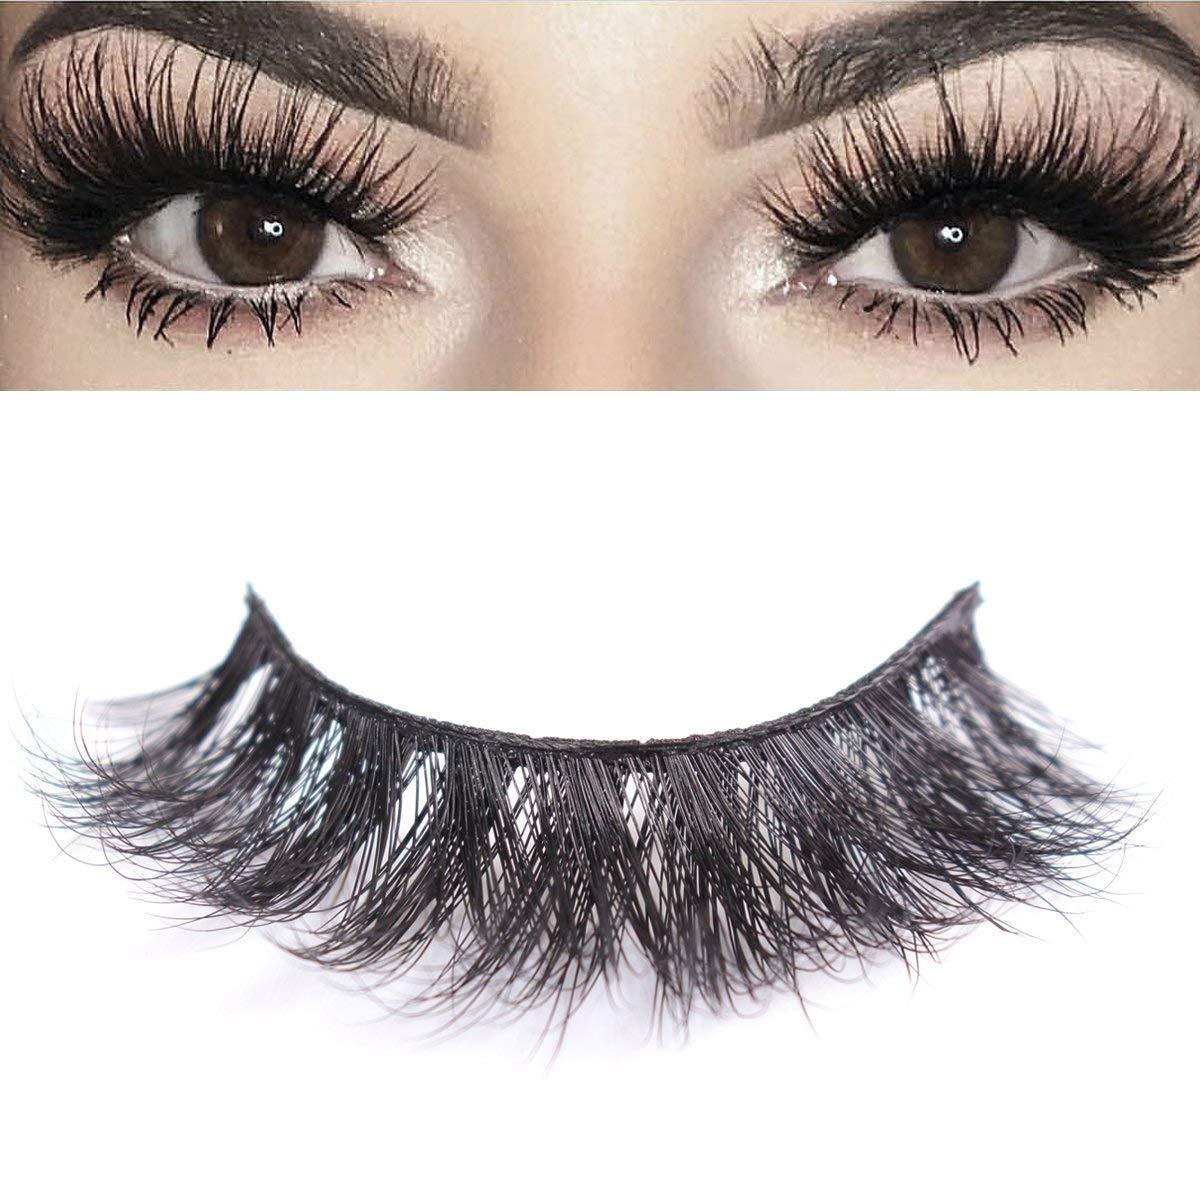 4690e47a203 Get Quotations · 3D Mink Eyelashes Makeup Dramatic False Eyelashes Natural  Look Fluffy Long Reusable Falsies Eyelashes 1 Pair